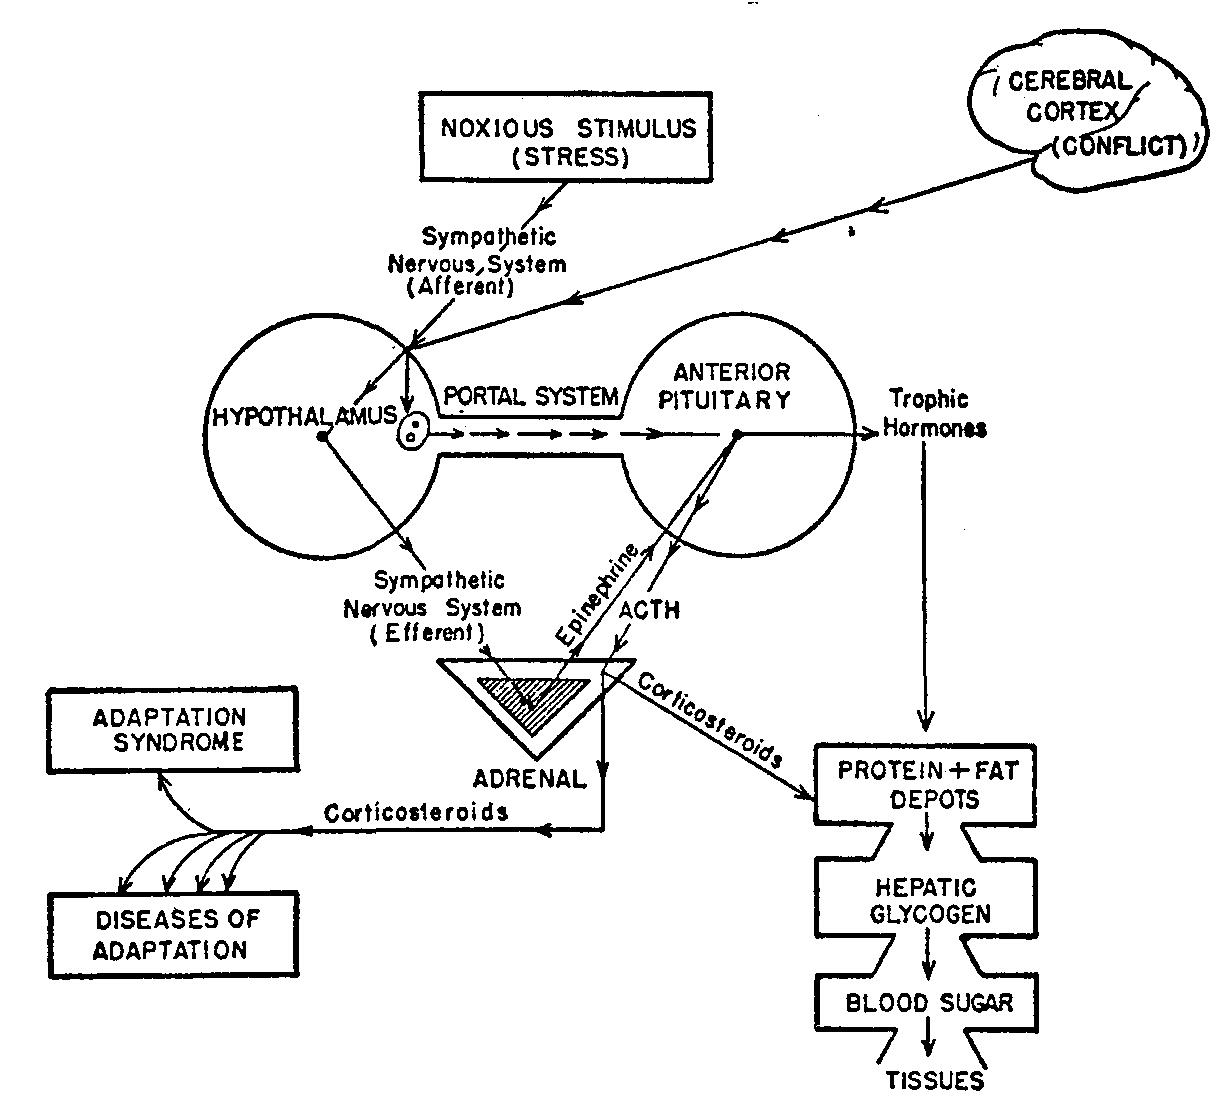 Артериальное давление и холестерин при кратковременной адаптации